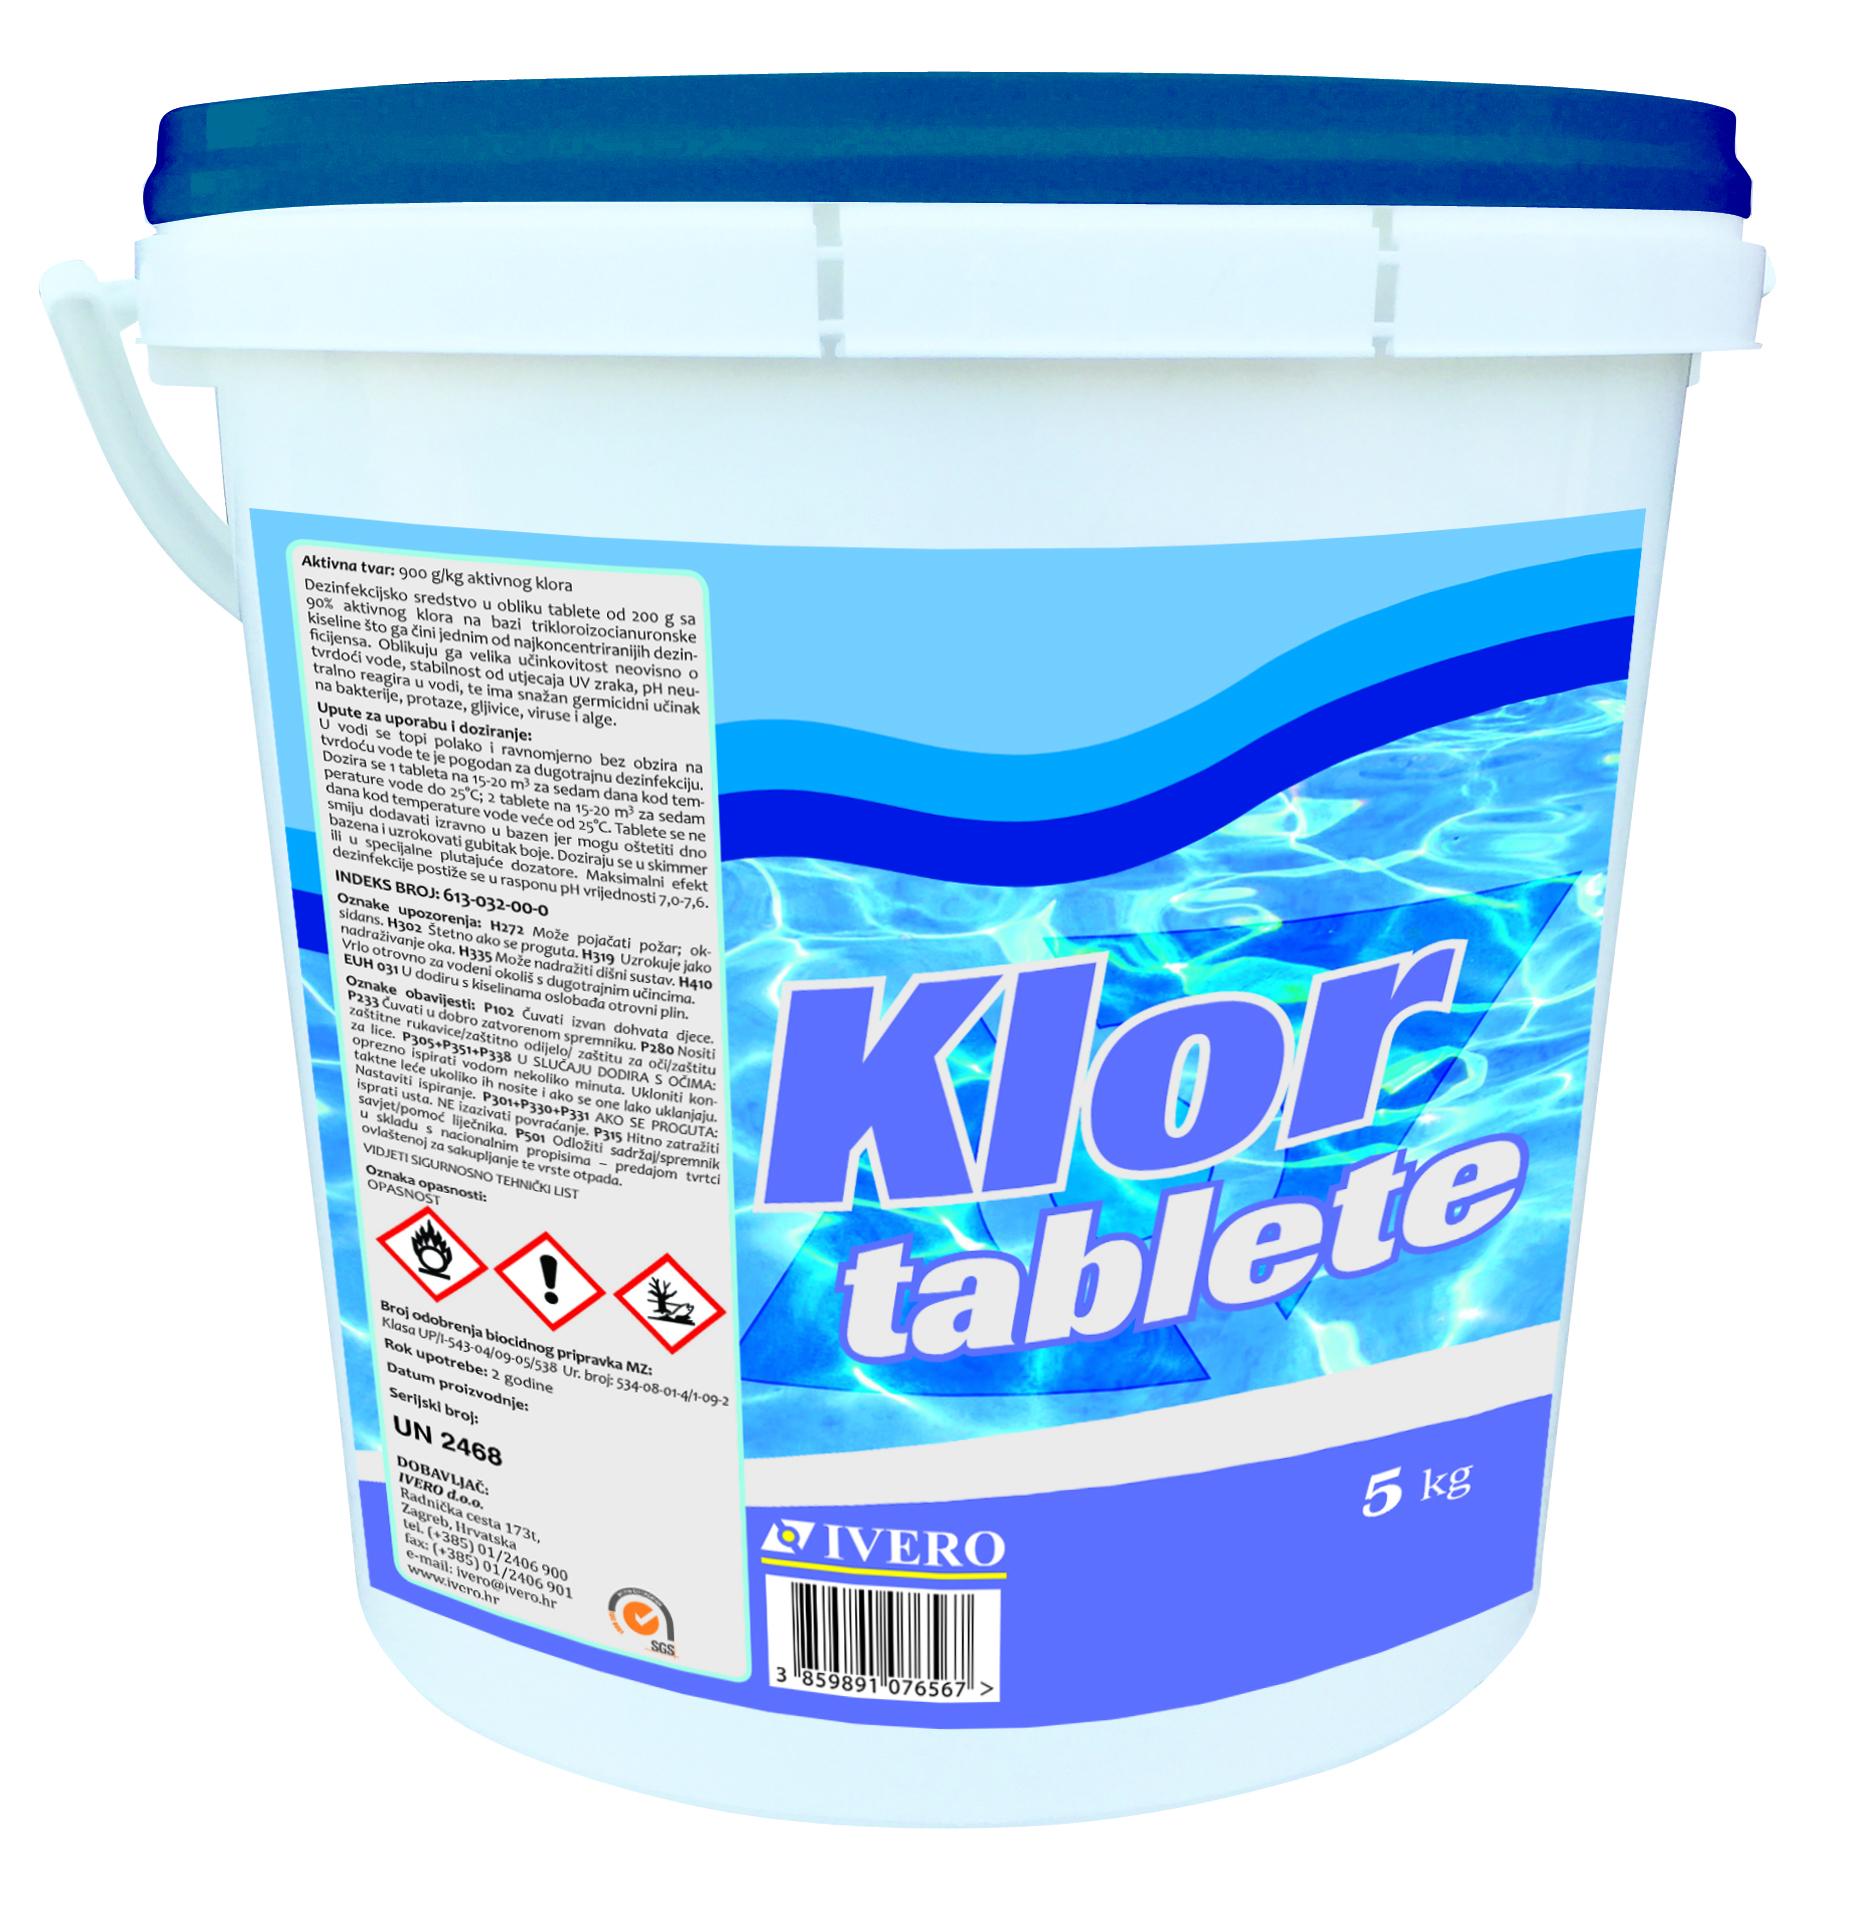 Klor tablete - Ivero - Proizvodnja i veleprodaja kemikalija